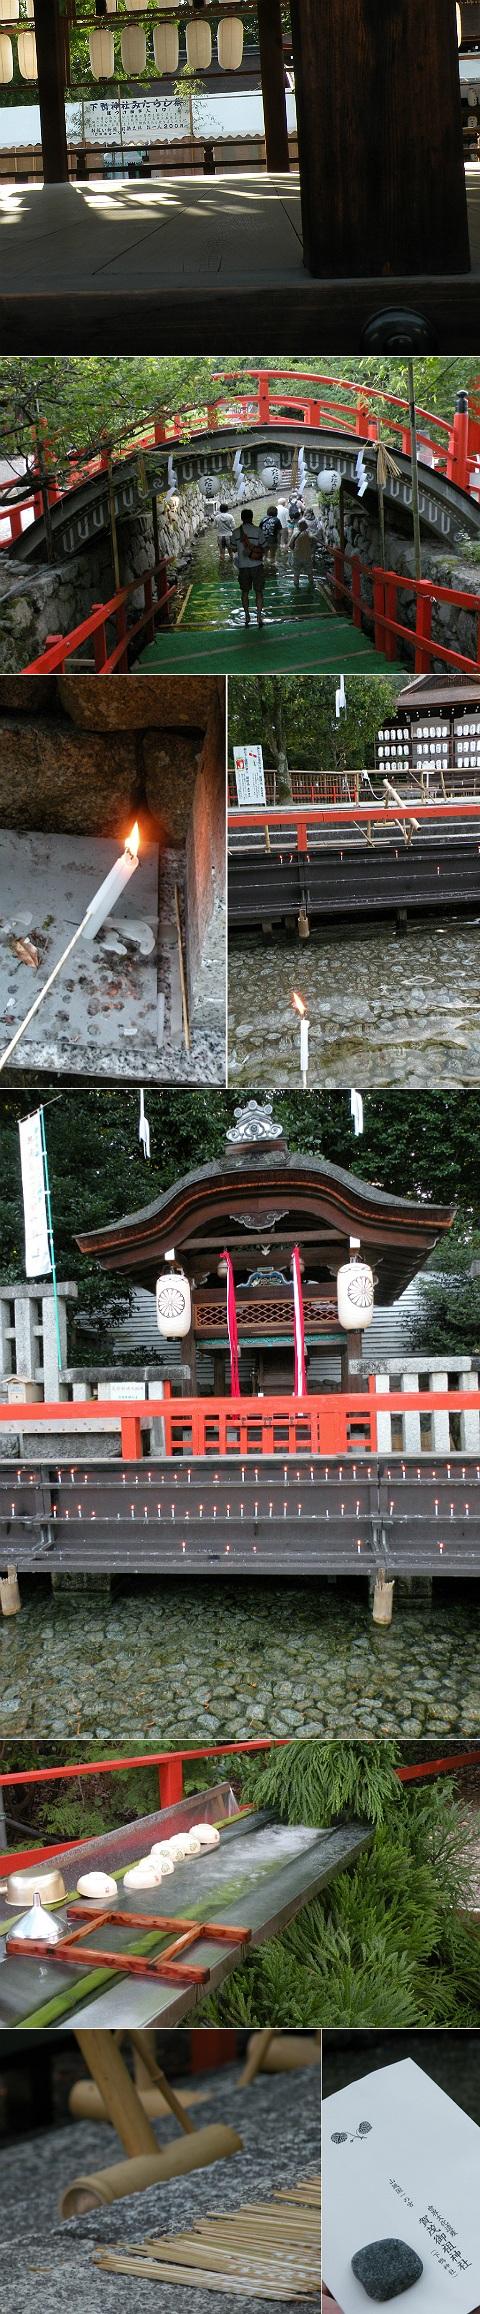 みたらし祭(御手洗祭) 足つけ神事 @京都 下鴨神社